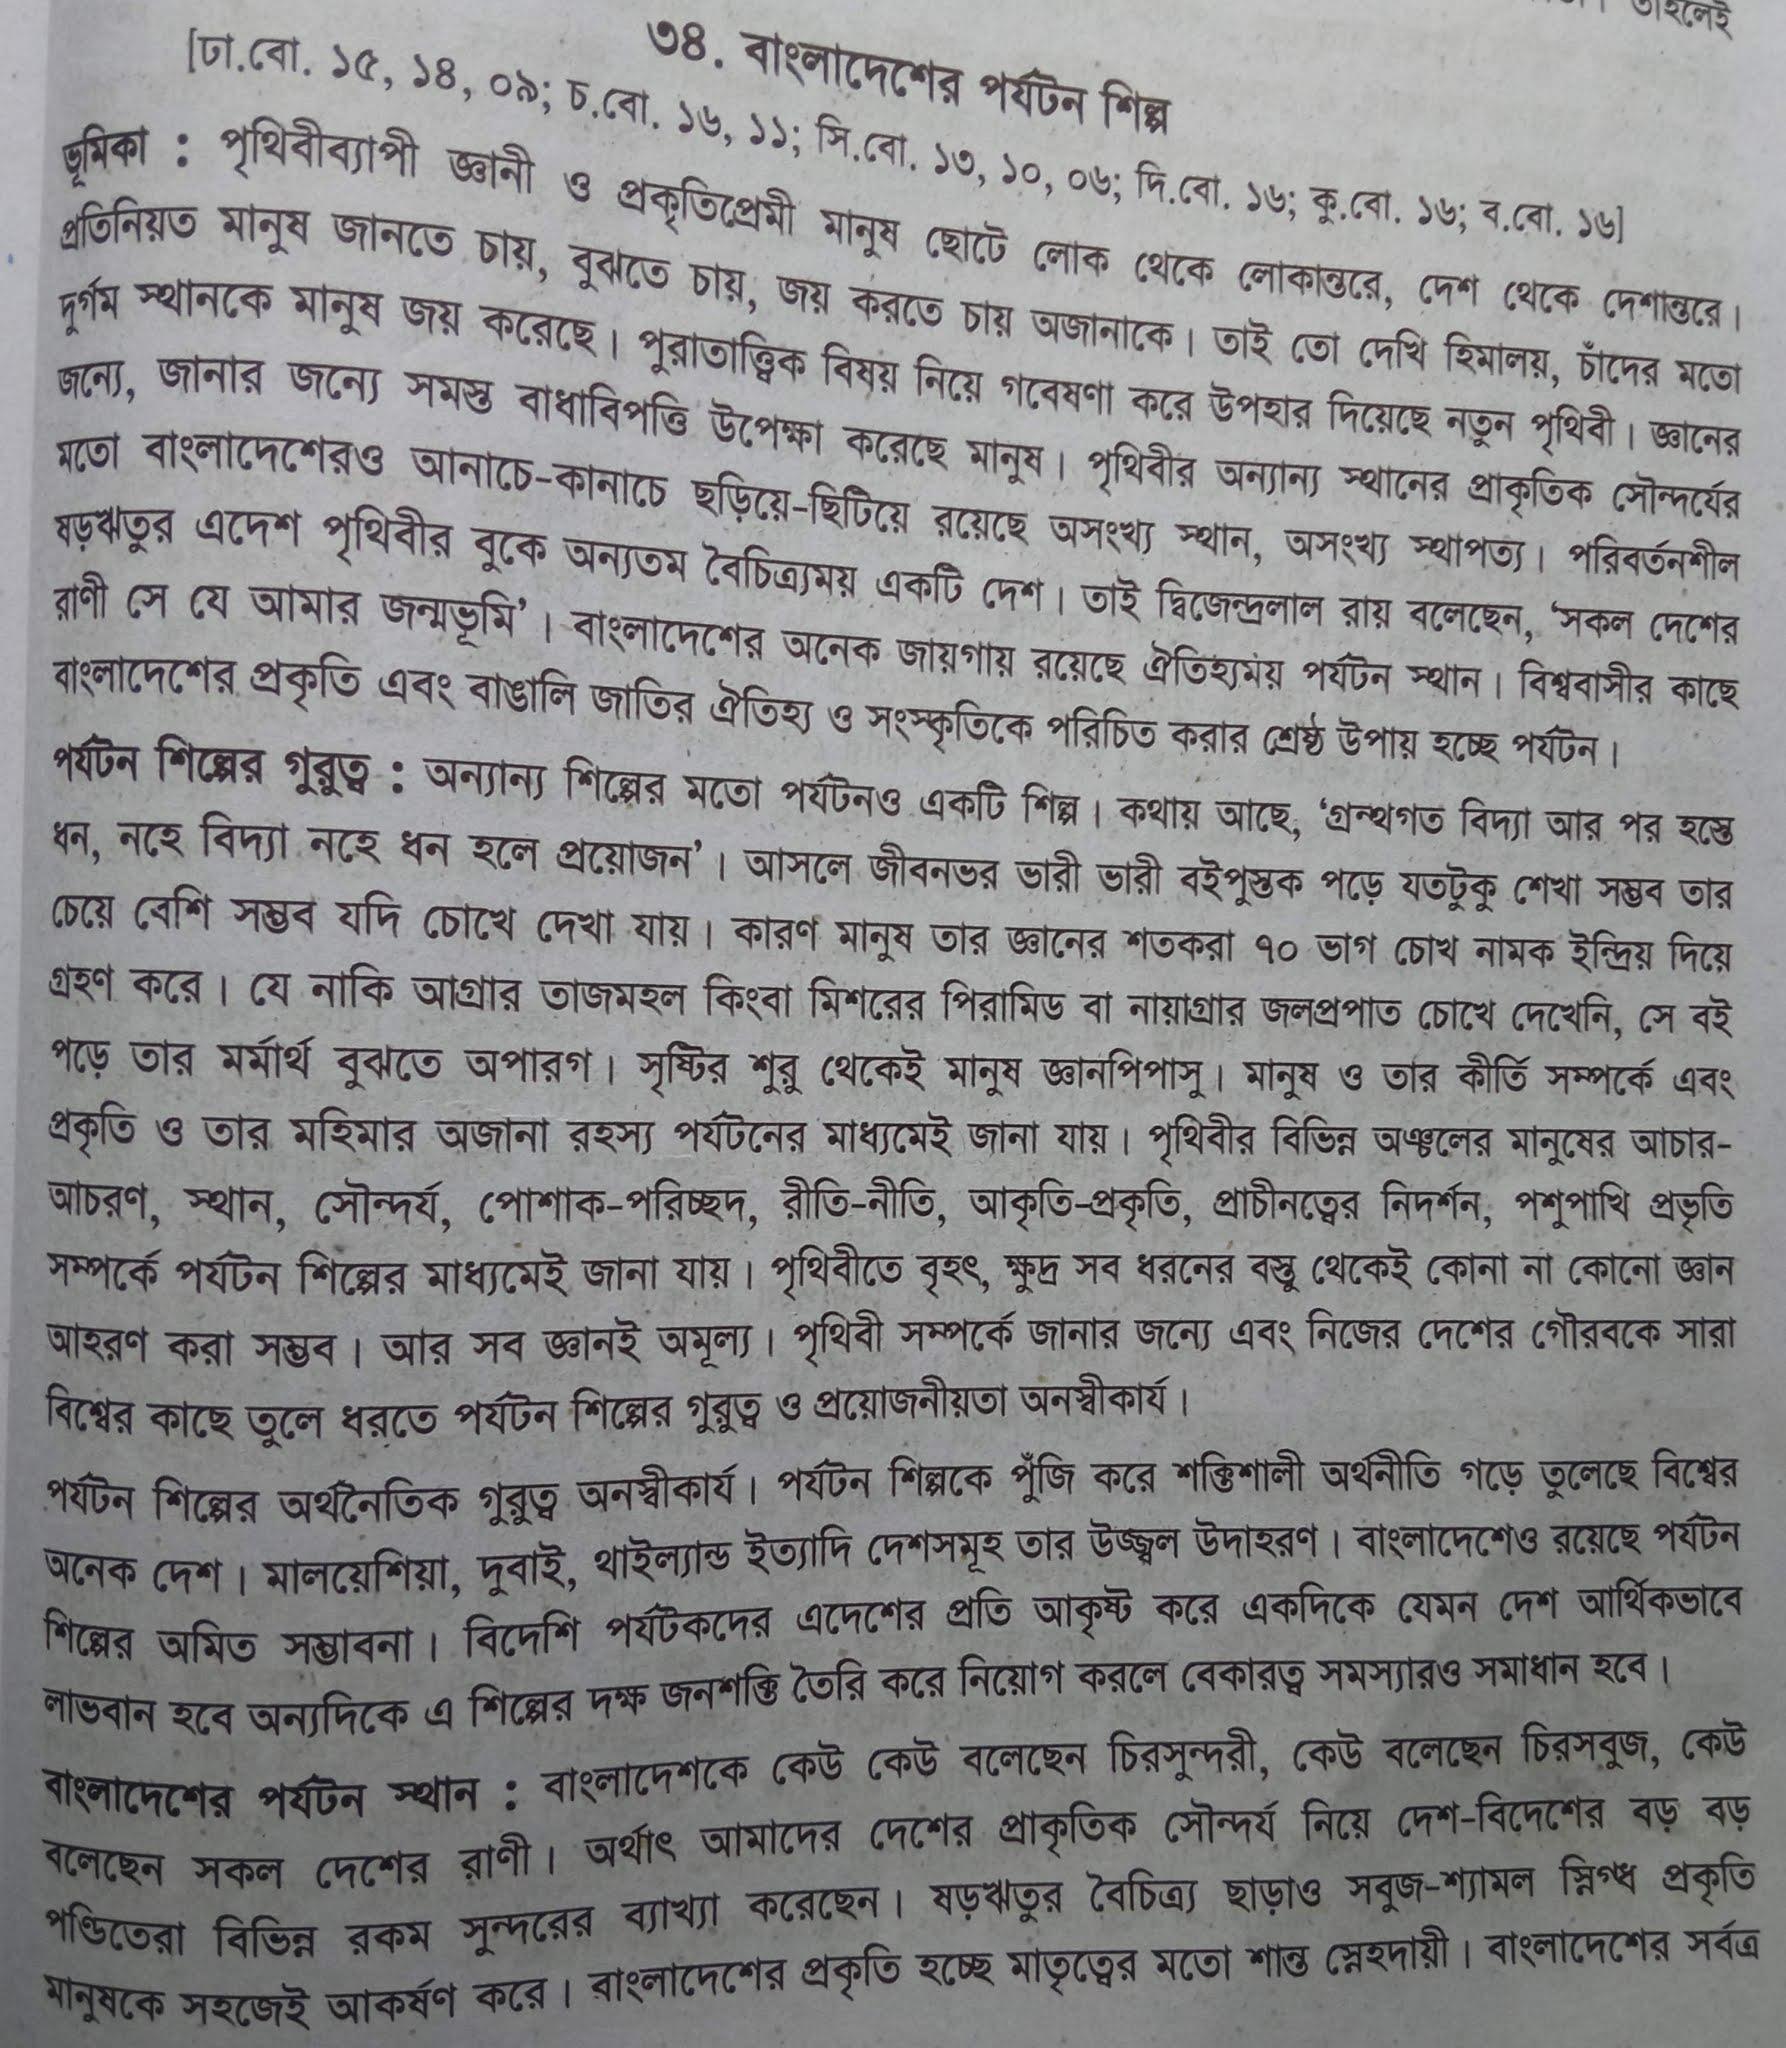 বাংলাদেশের পর্যটন শিল্প রচনা - বাংলাদেশের পর্যটন শিল্প, Bangladesh Porjoton Shilpo Rochona, বাংলাদেশের পর্যটন শিল্পের প্রসার, বাংলাদেশের পর্যটন শিল্প অনুচ্ছেদ রচনা, রচনা - বাংলাদেশের পর্যটন শিল্প